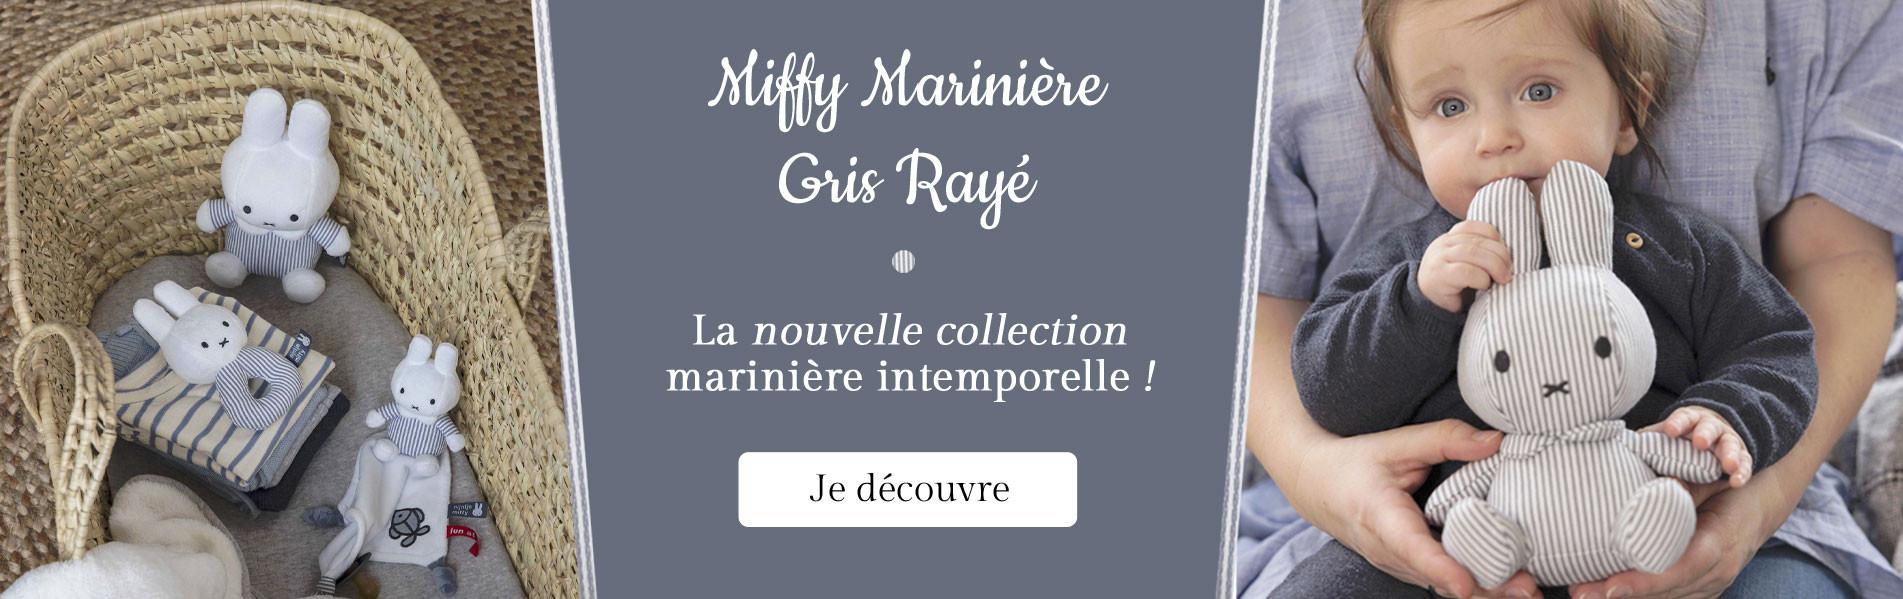 Nouvelle collection Miffy Marinière Gris Rayé